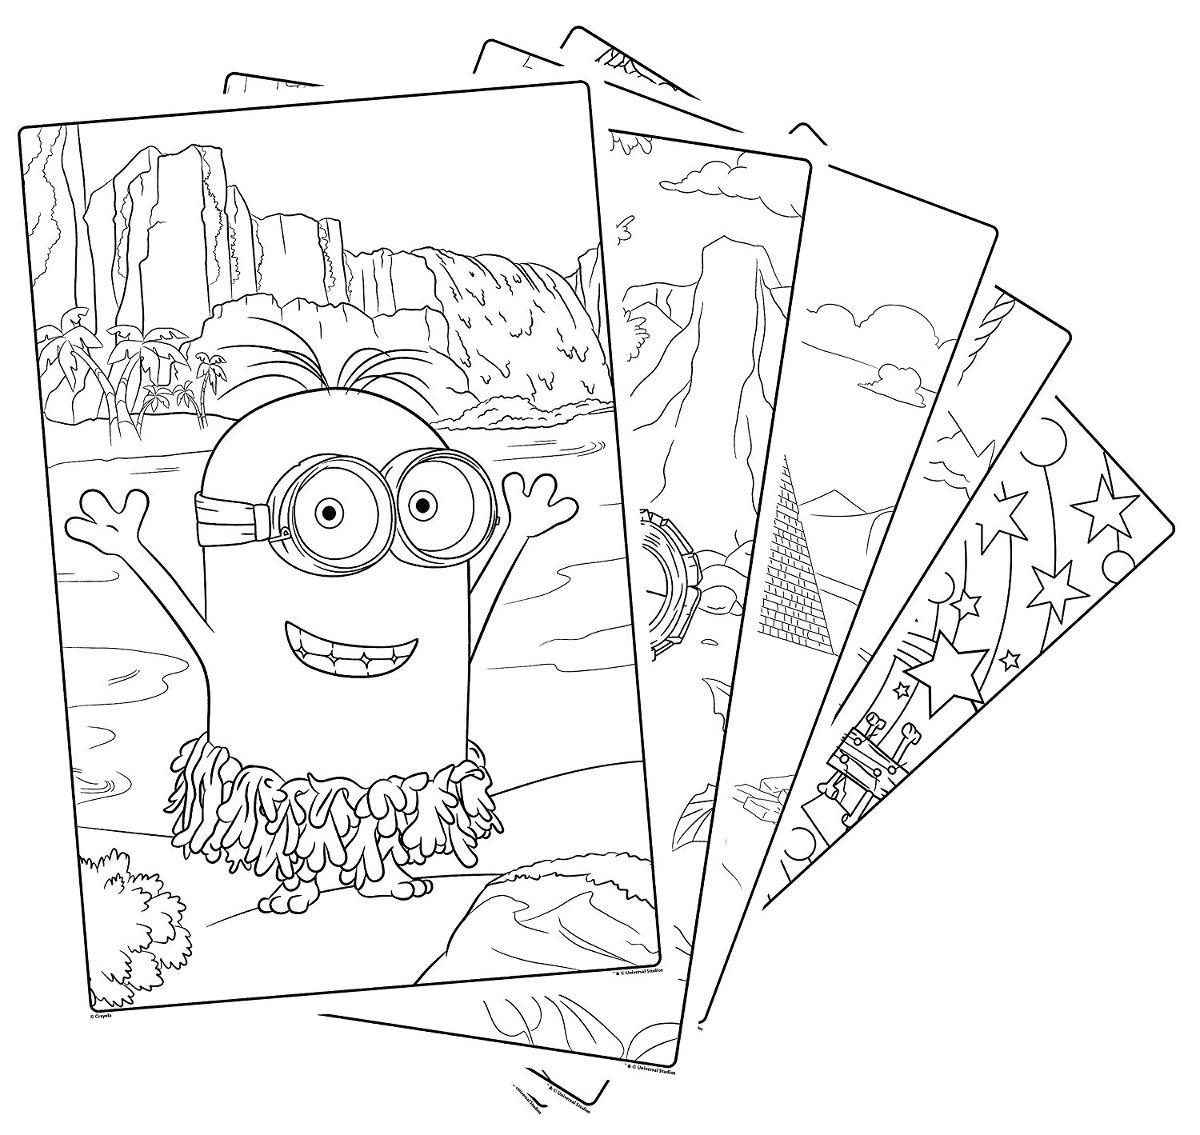 Excelente Páginas Gigantes Para Colorear Crayola Imagen - Dibujos ...